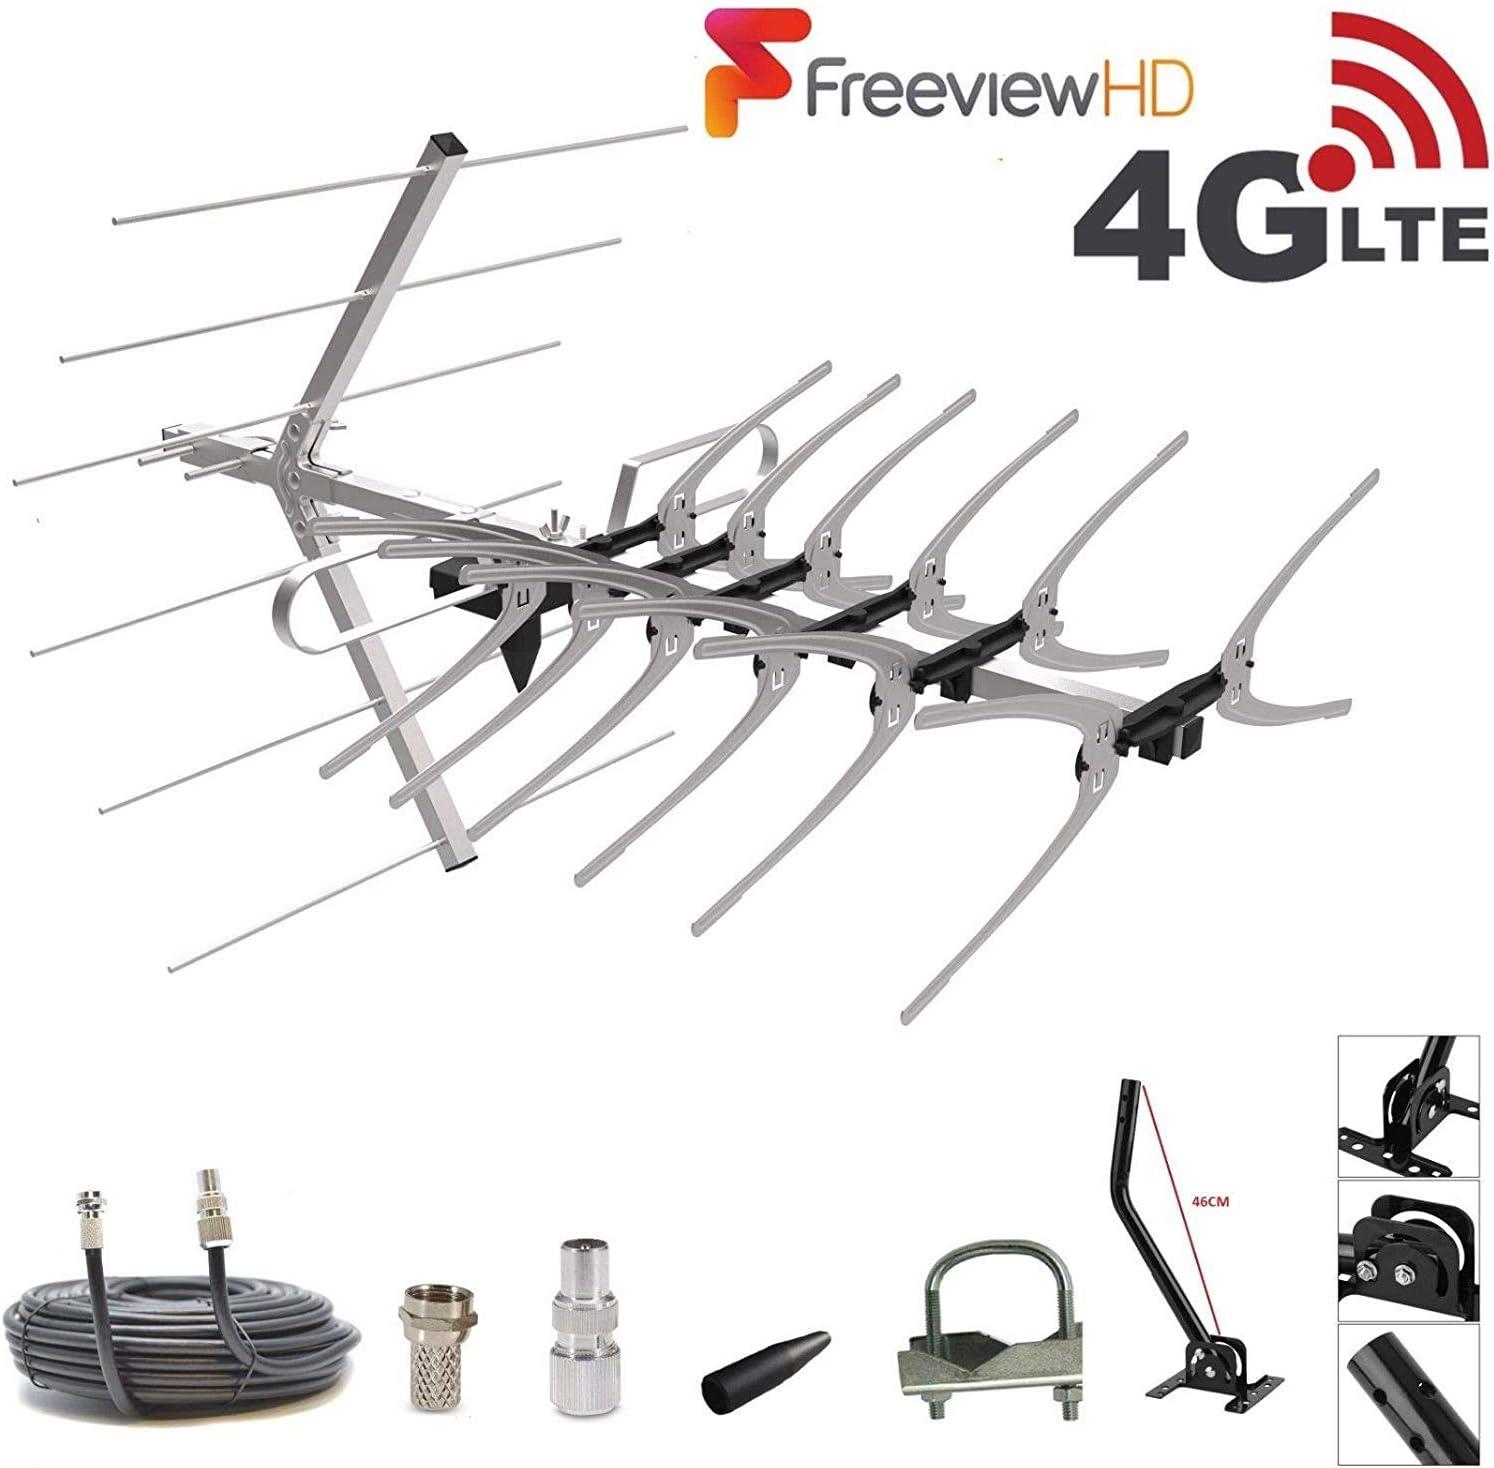 Antena de TV digital con filtro SSL 4G de 36 elementos para TV digital Freeview HD